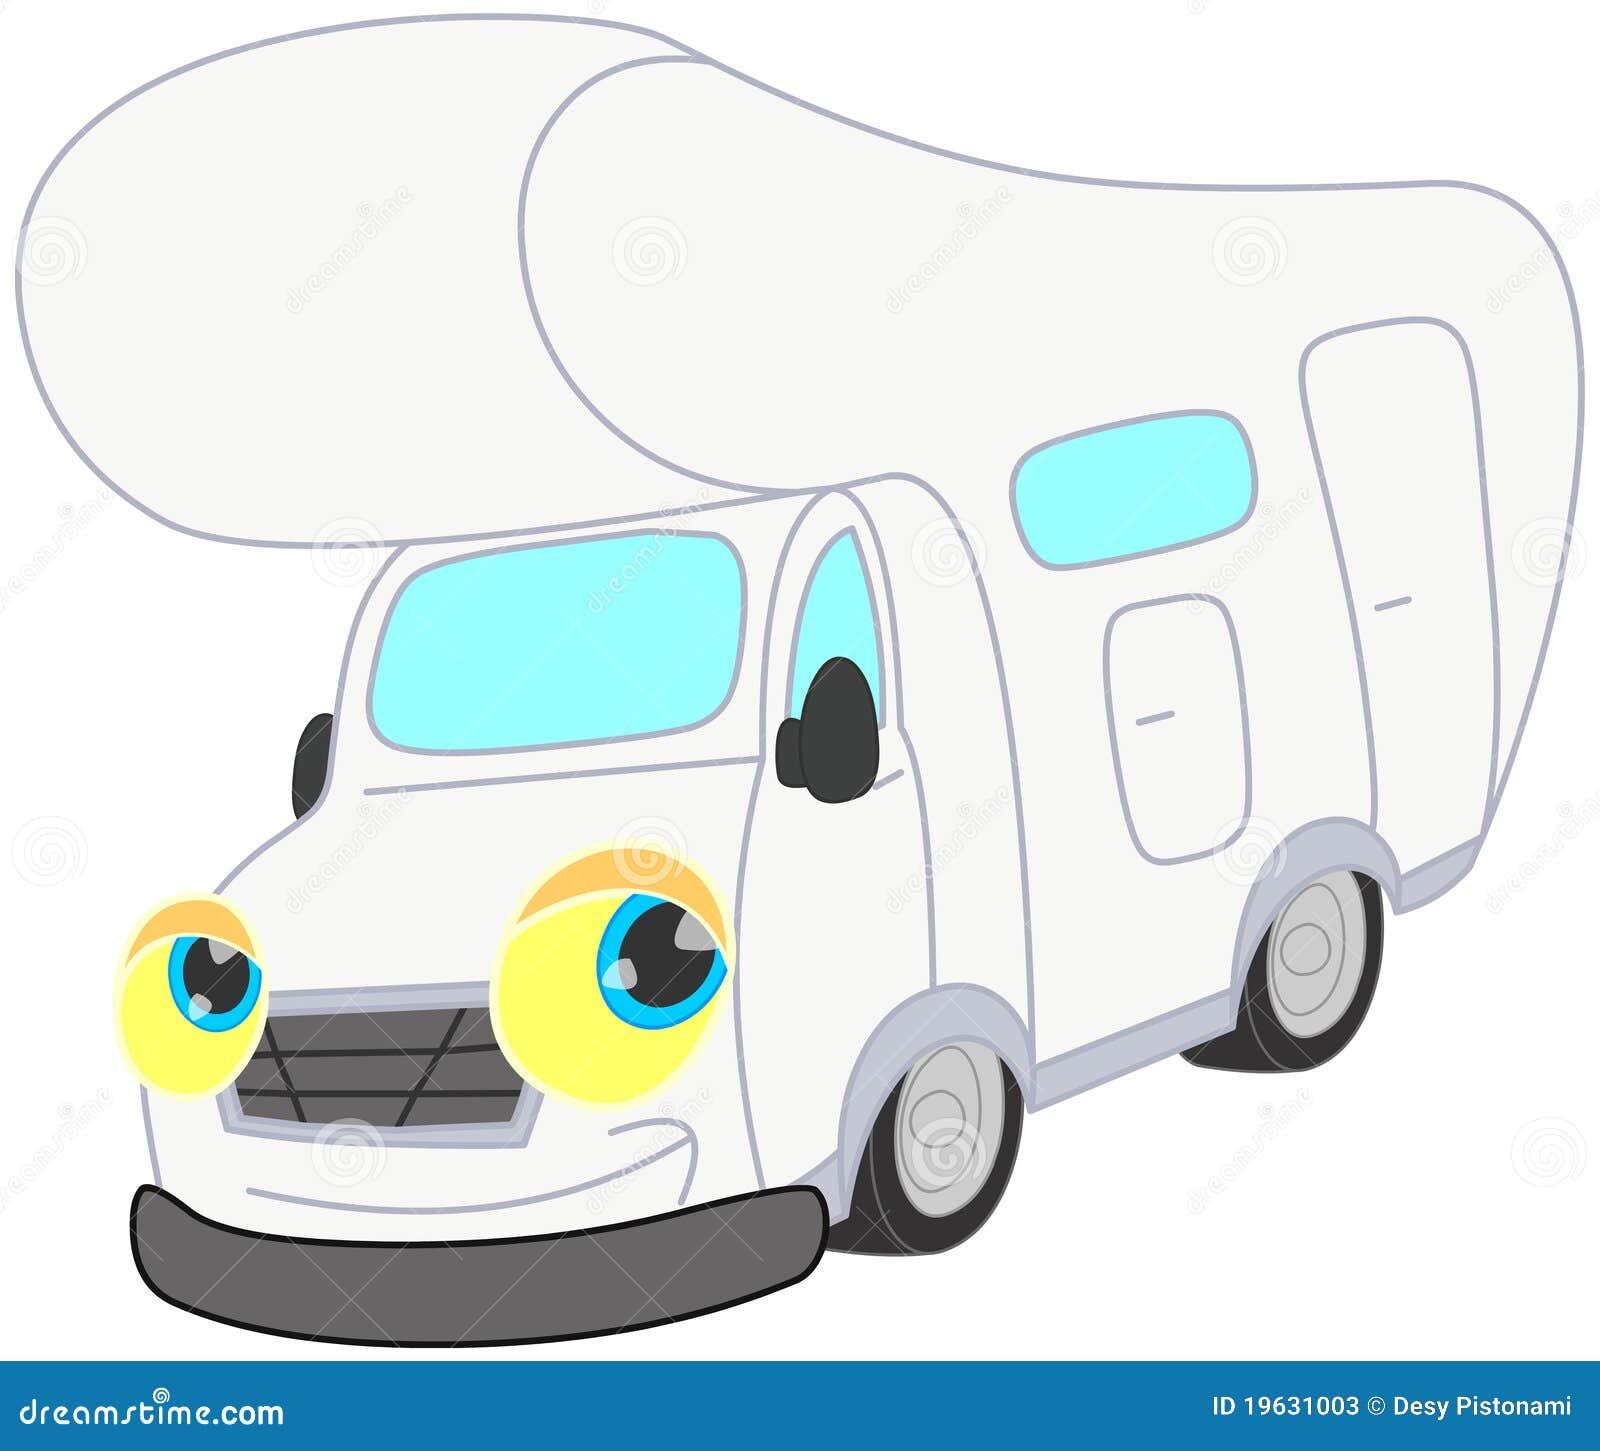 Smiling withe camper stock illustration. Illustration of transport